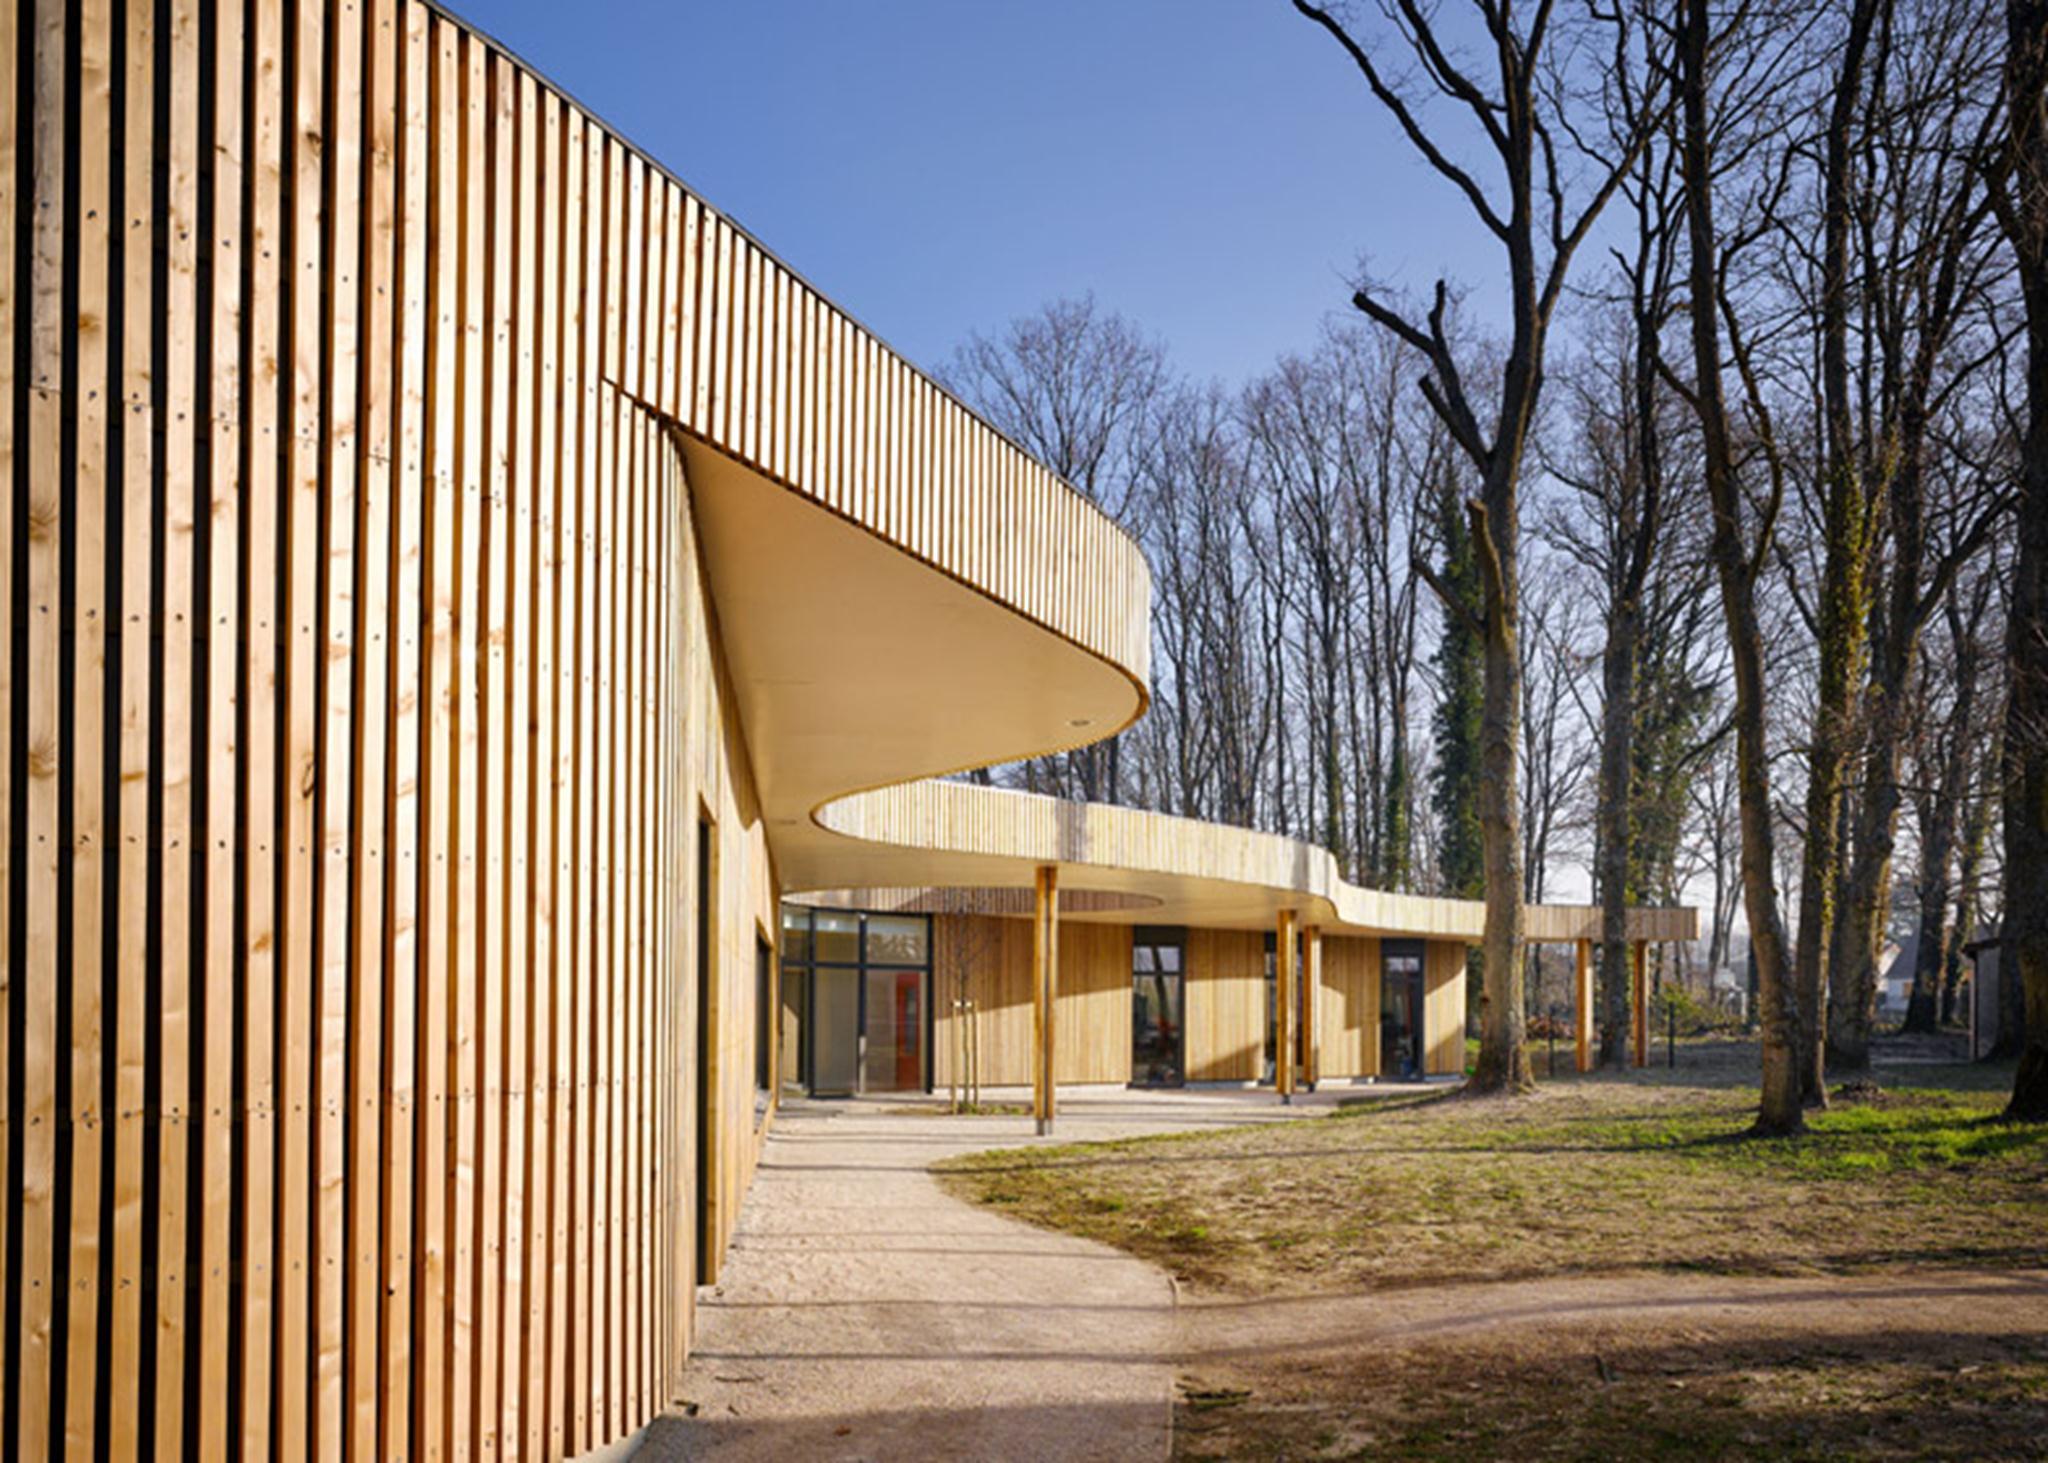 Những bức tường kính cao được kết hợp vào các bề mặt bằng gỗ, mang lại ánh sáng tự nhiên, cung cấp các khung hình tuyệt đẹp hướng ra cảnh quan.